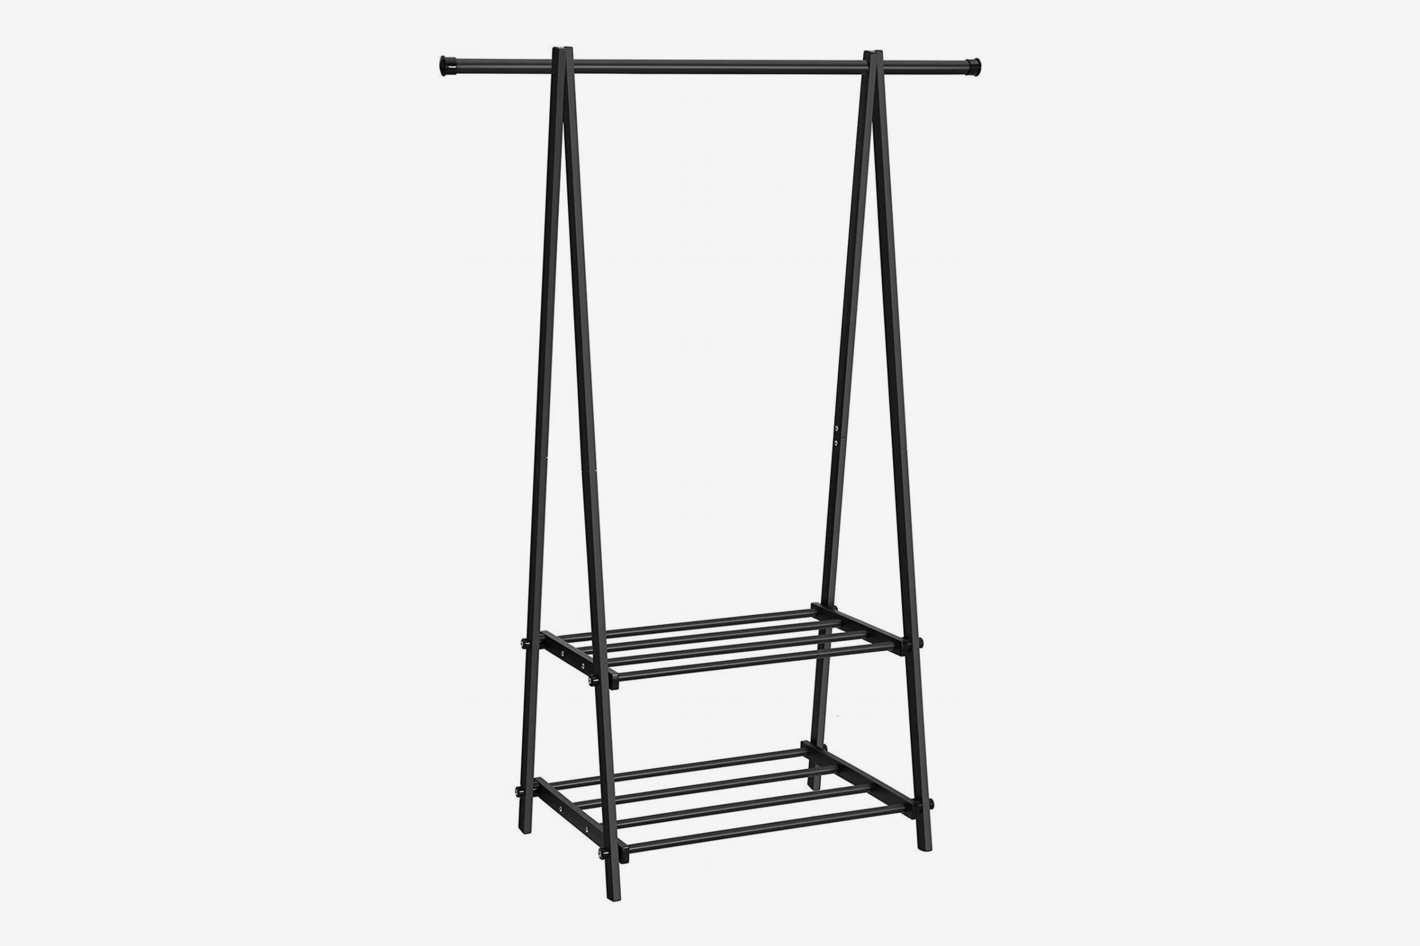 SONGMICS Rack with 2-Tier Shelf